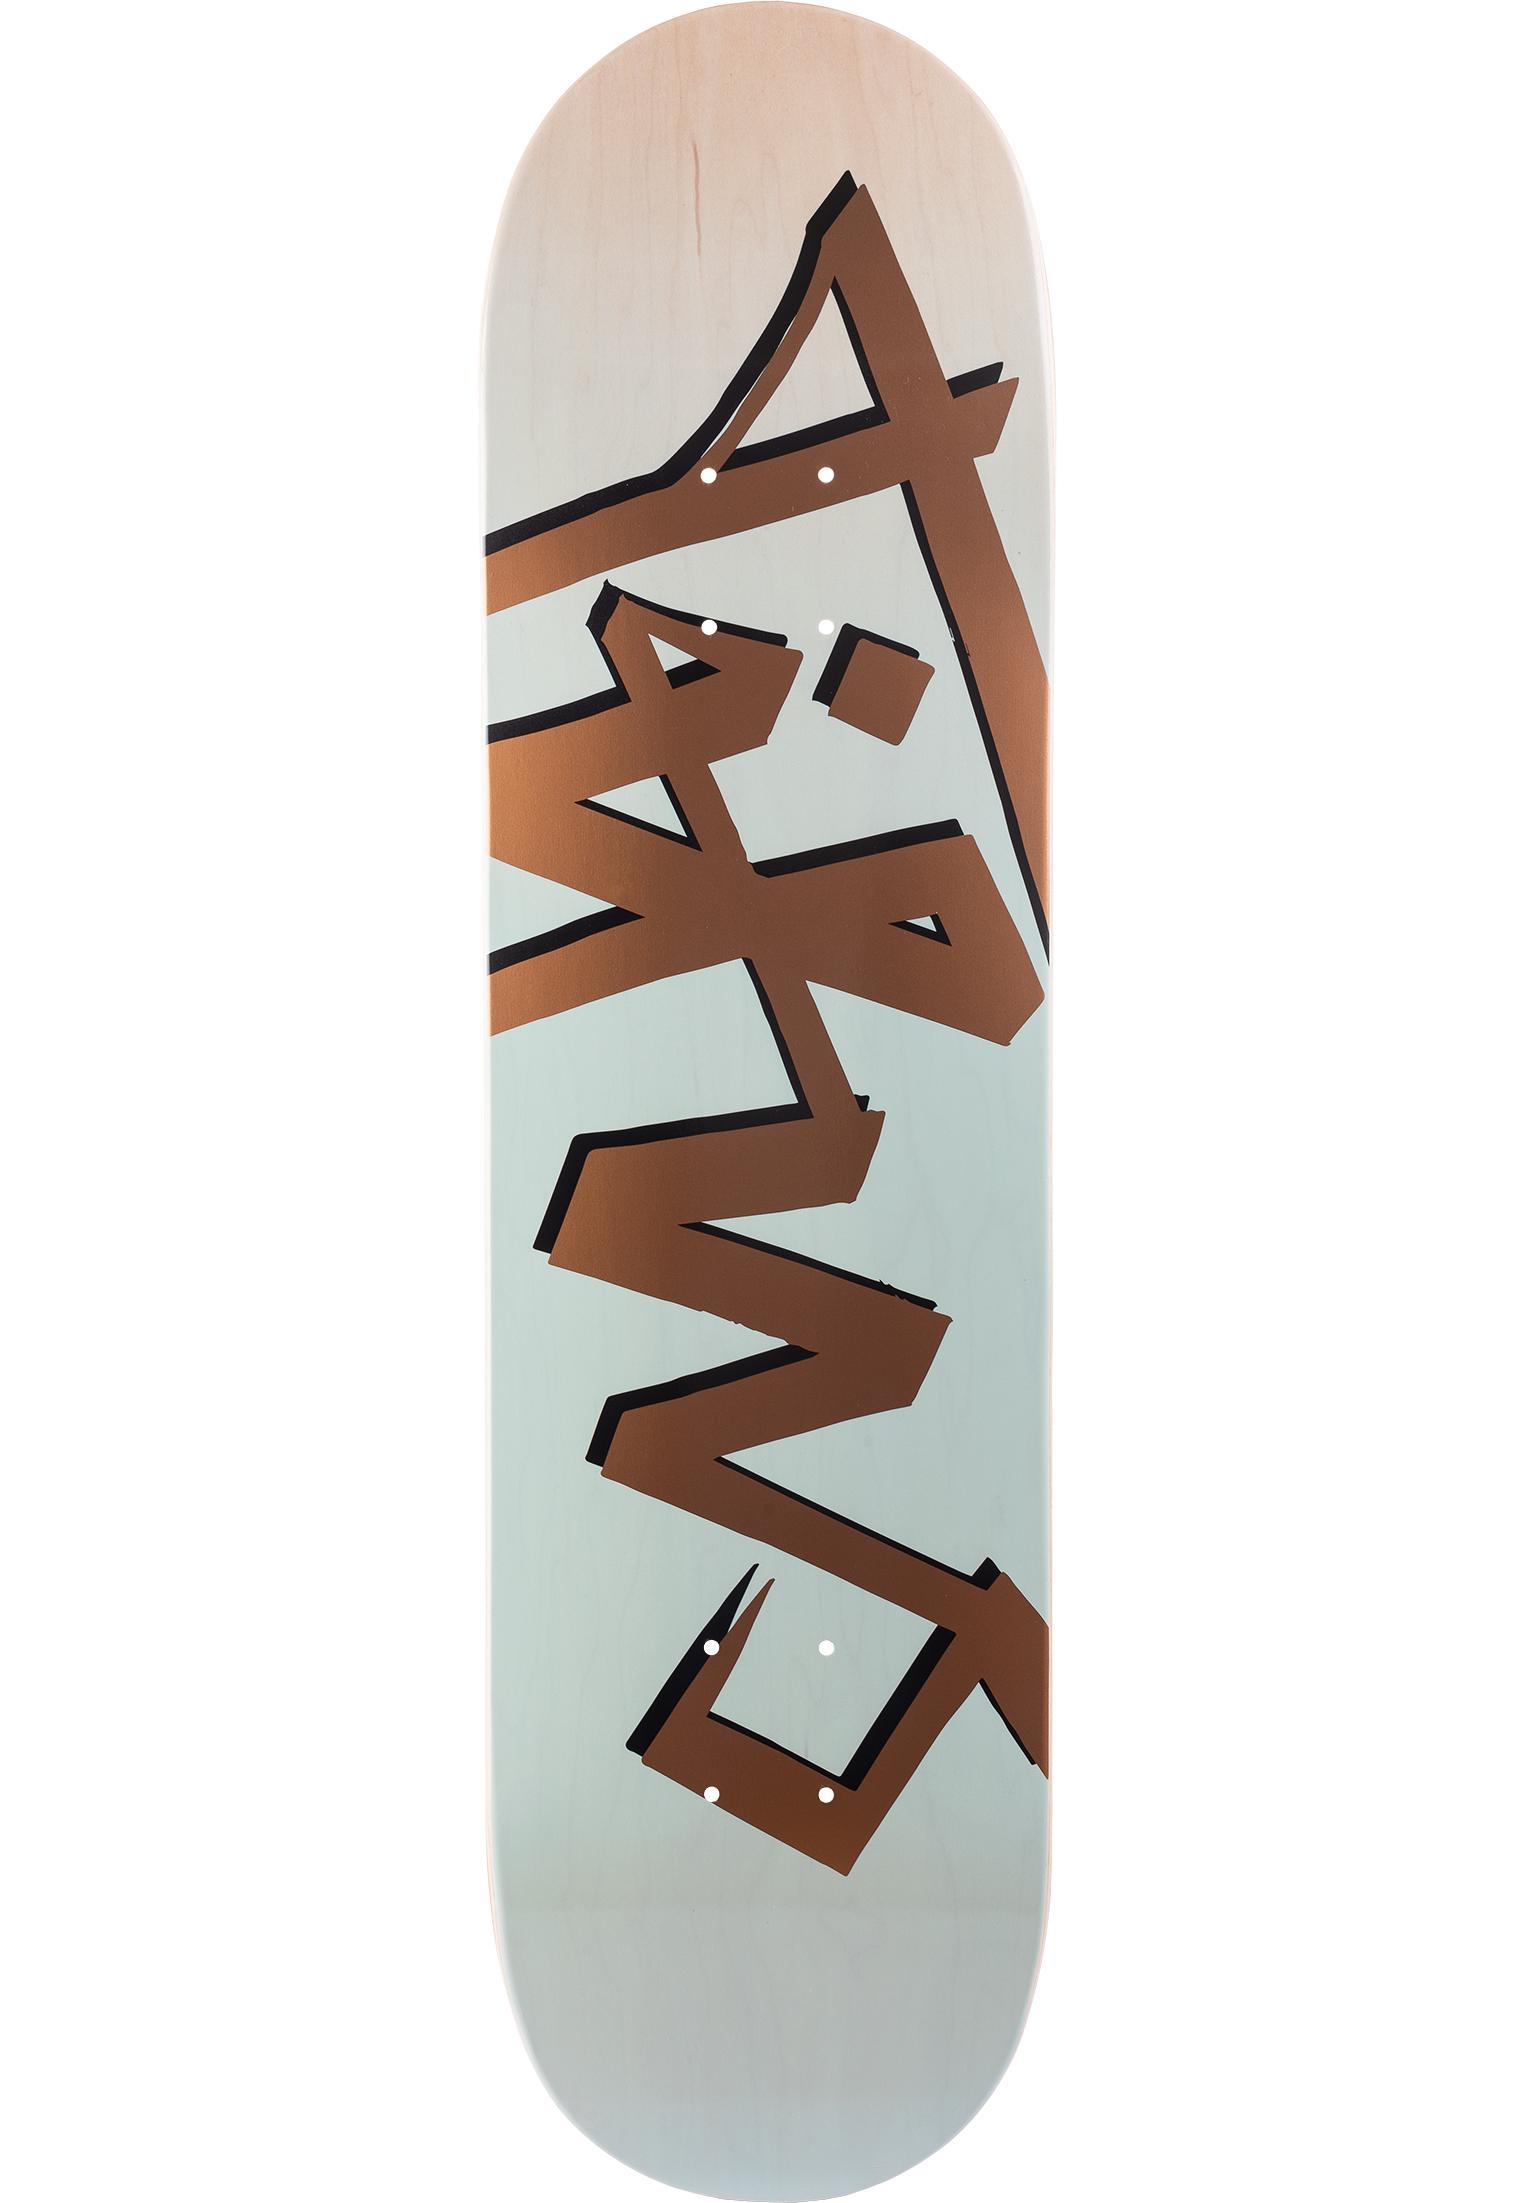 Titus Scratch Skateboard-Deck mintfarben in 8'' und 8.125'' für 22,90 Euro (7 Schichten Ahorn, Popsicle, Medium Concave)